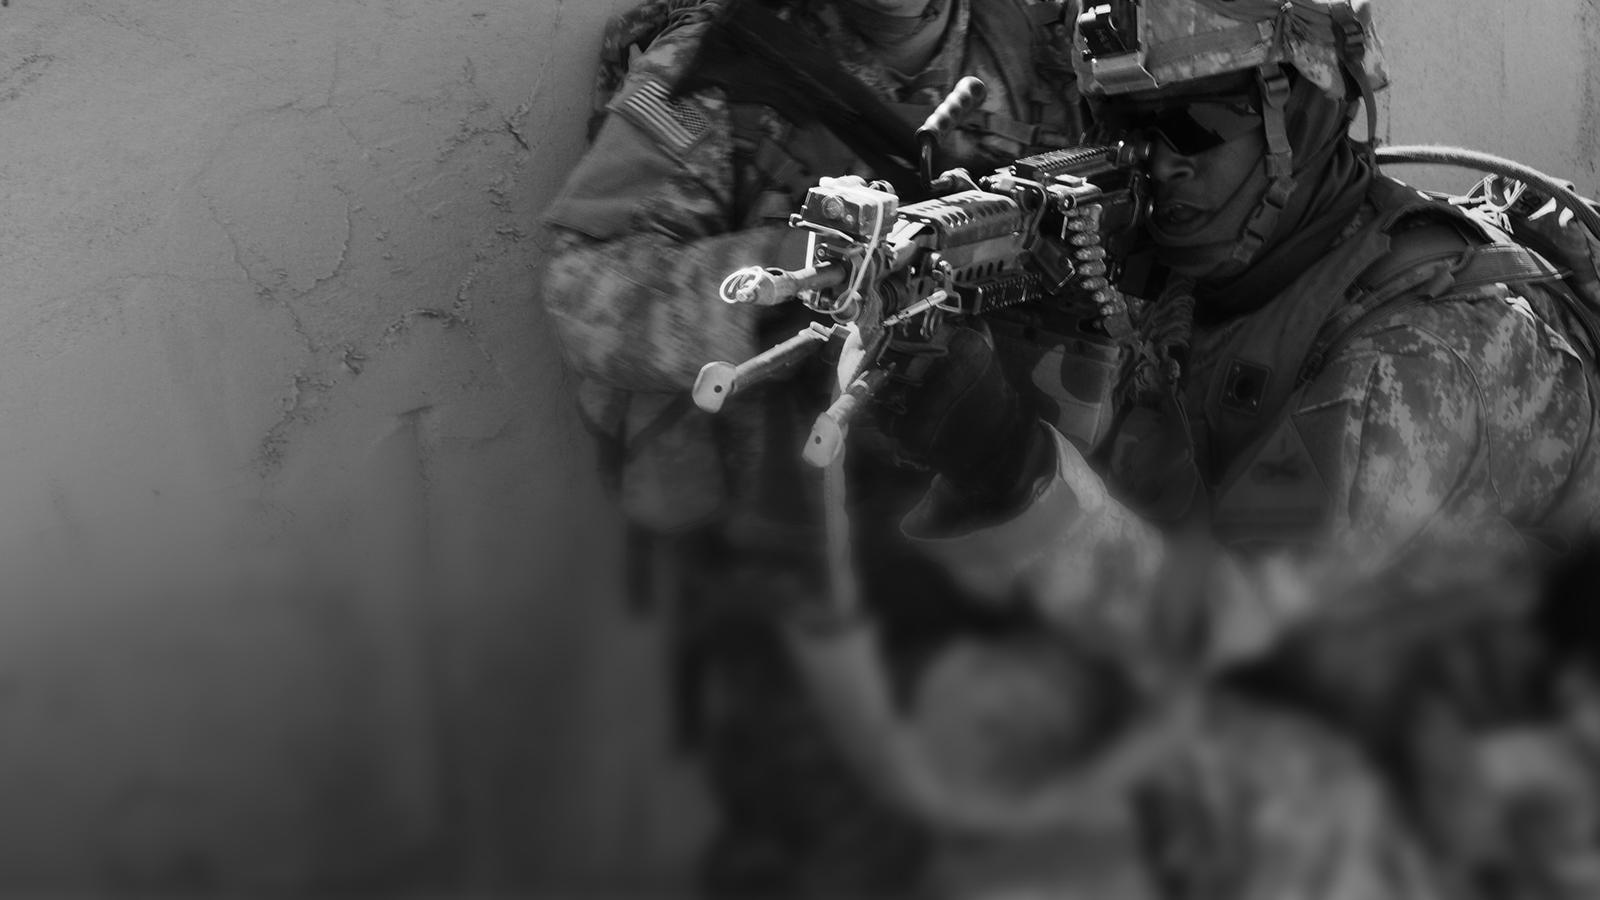 پنتاگون درخواست ترامپ برای اعزام نیروی نظامی به مرز را رد کرد